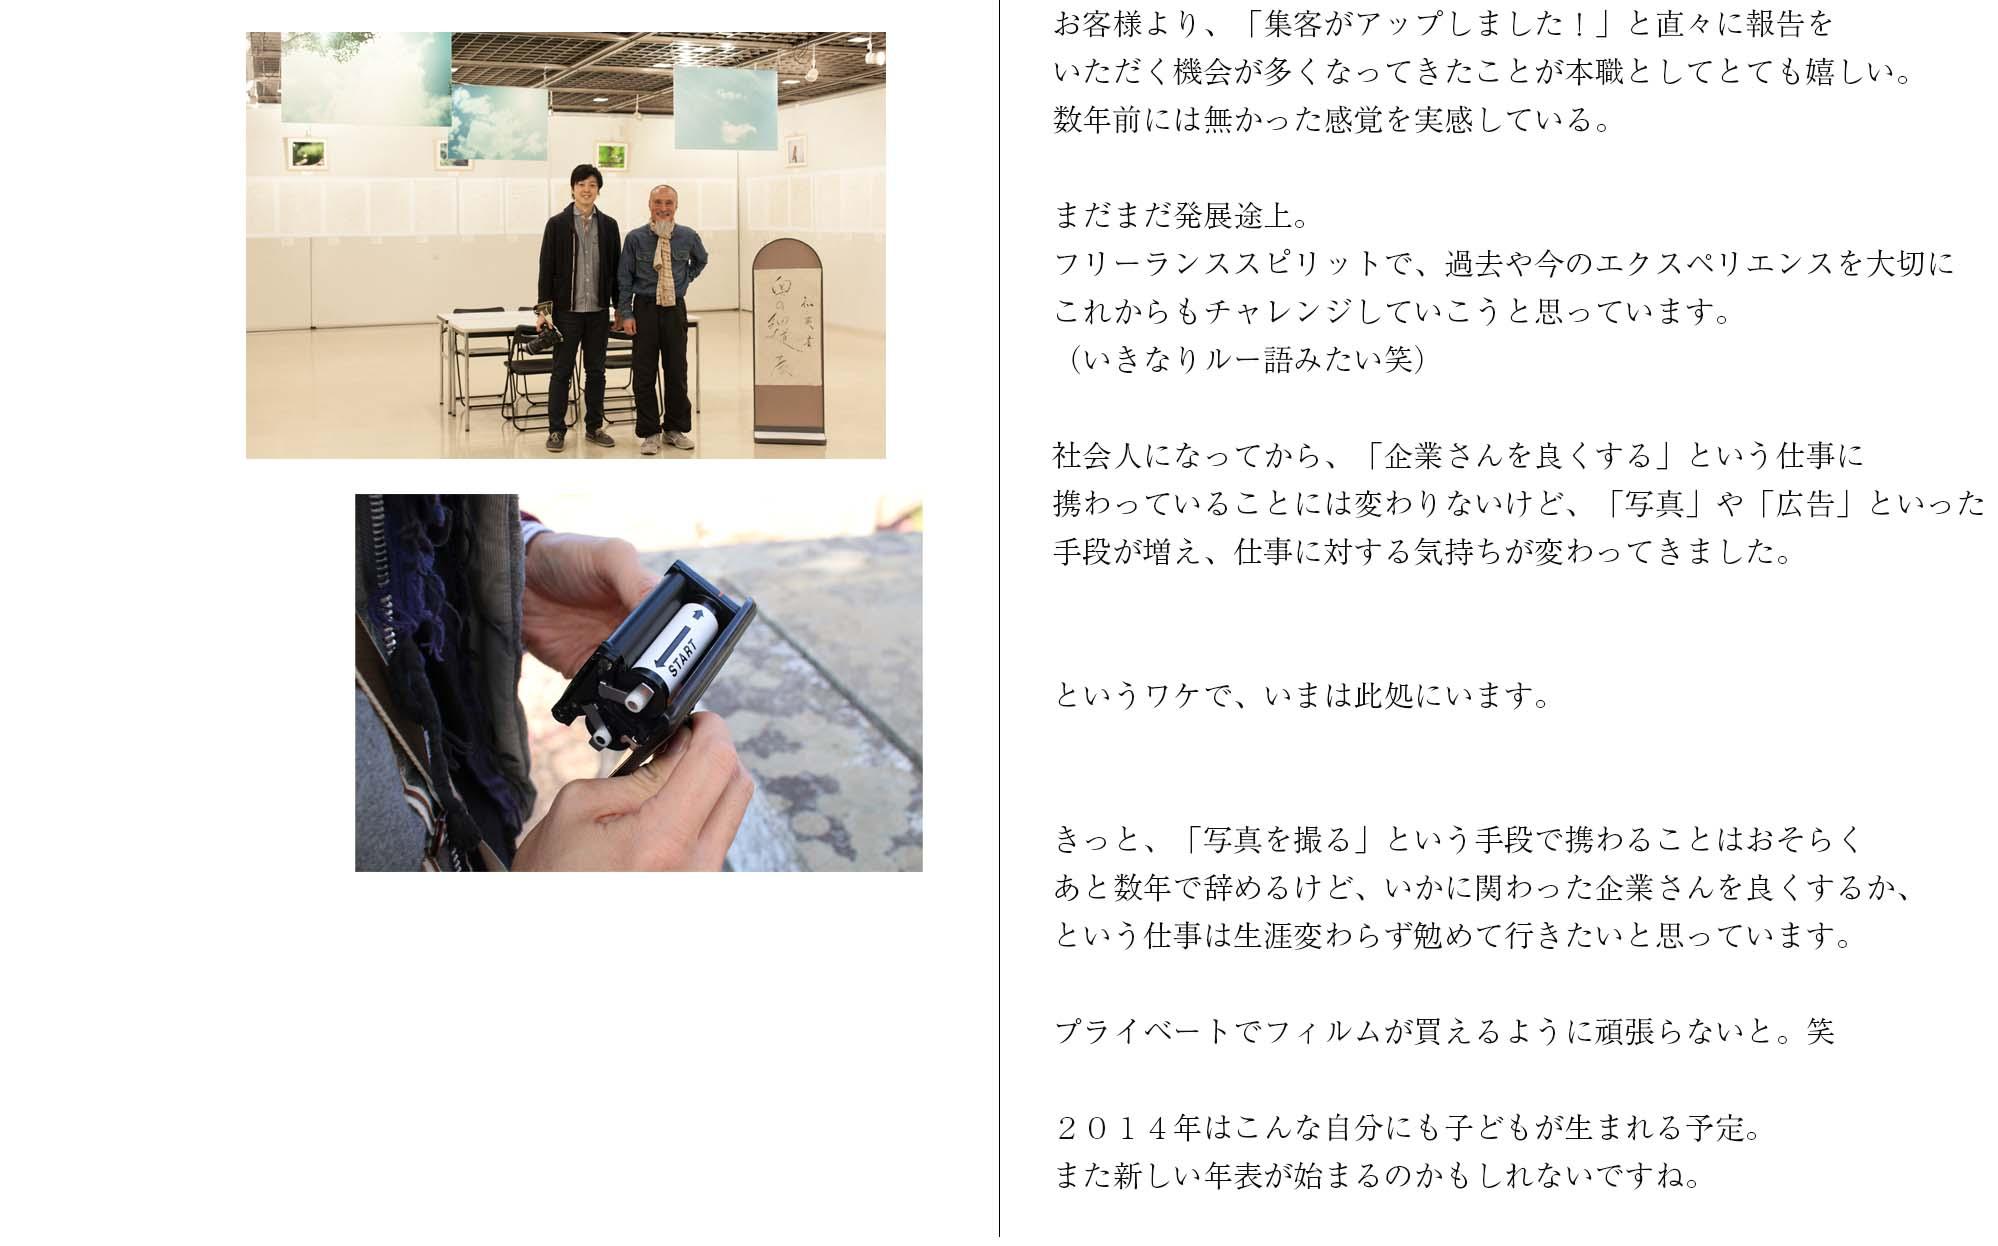 20131228_佐治秀保史_20